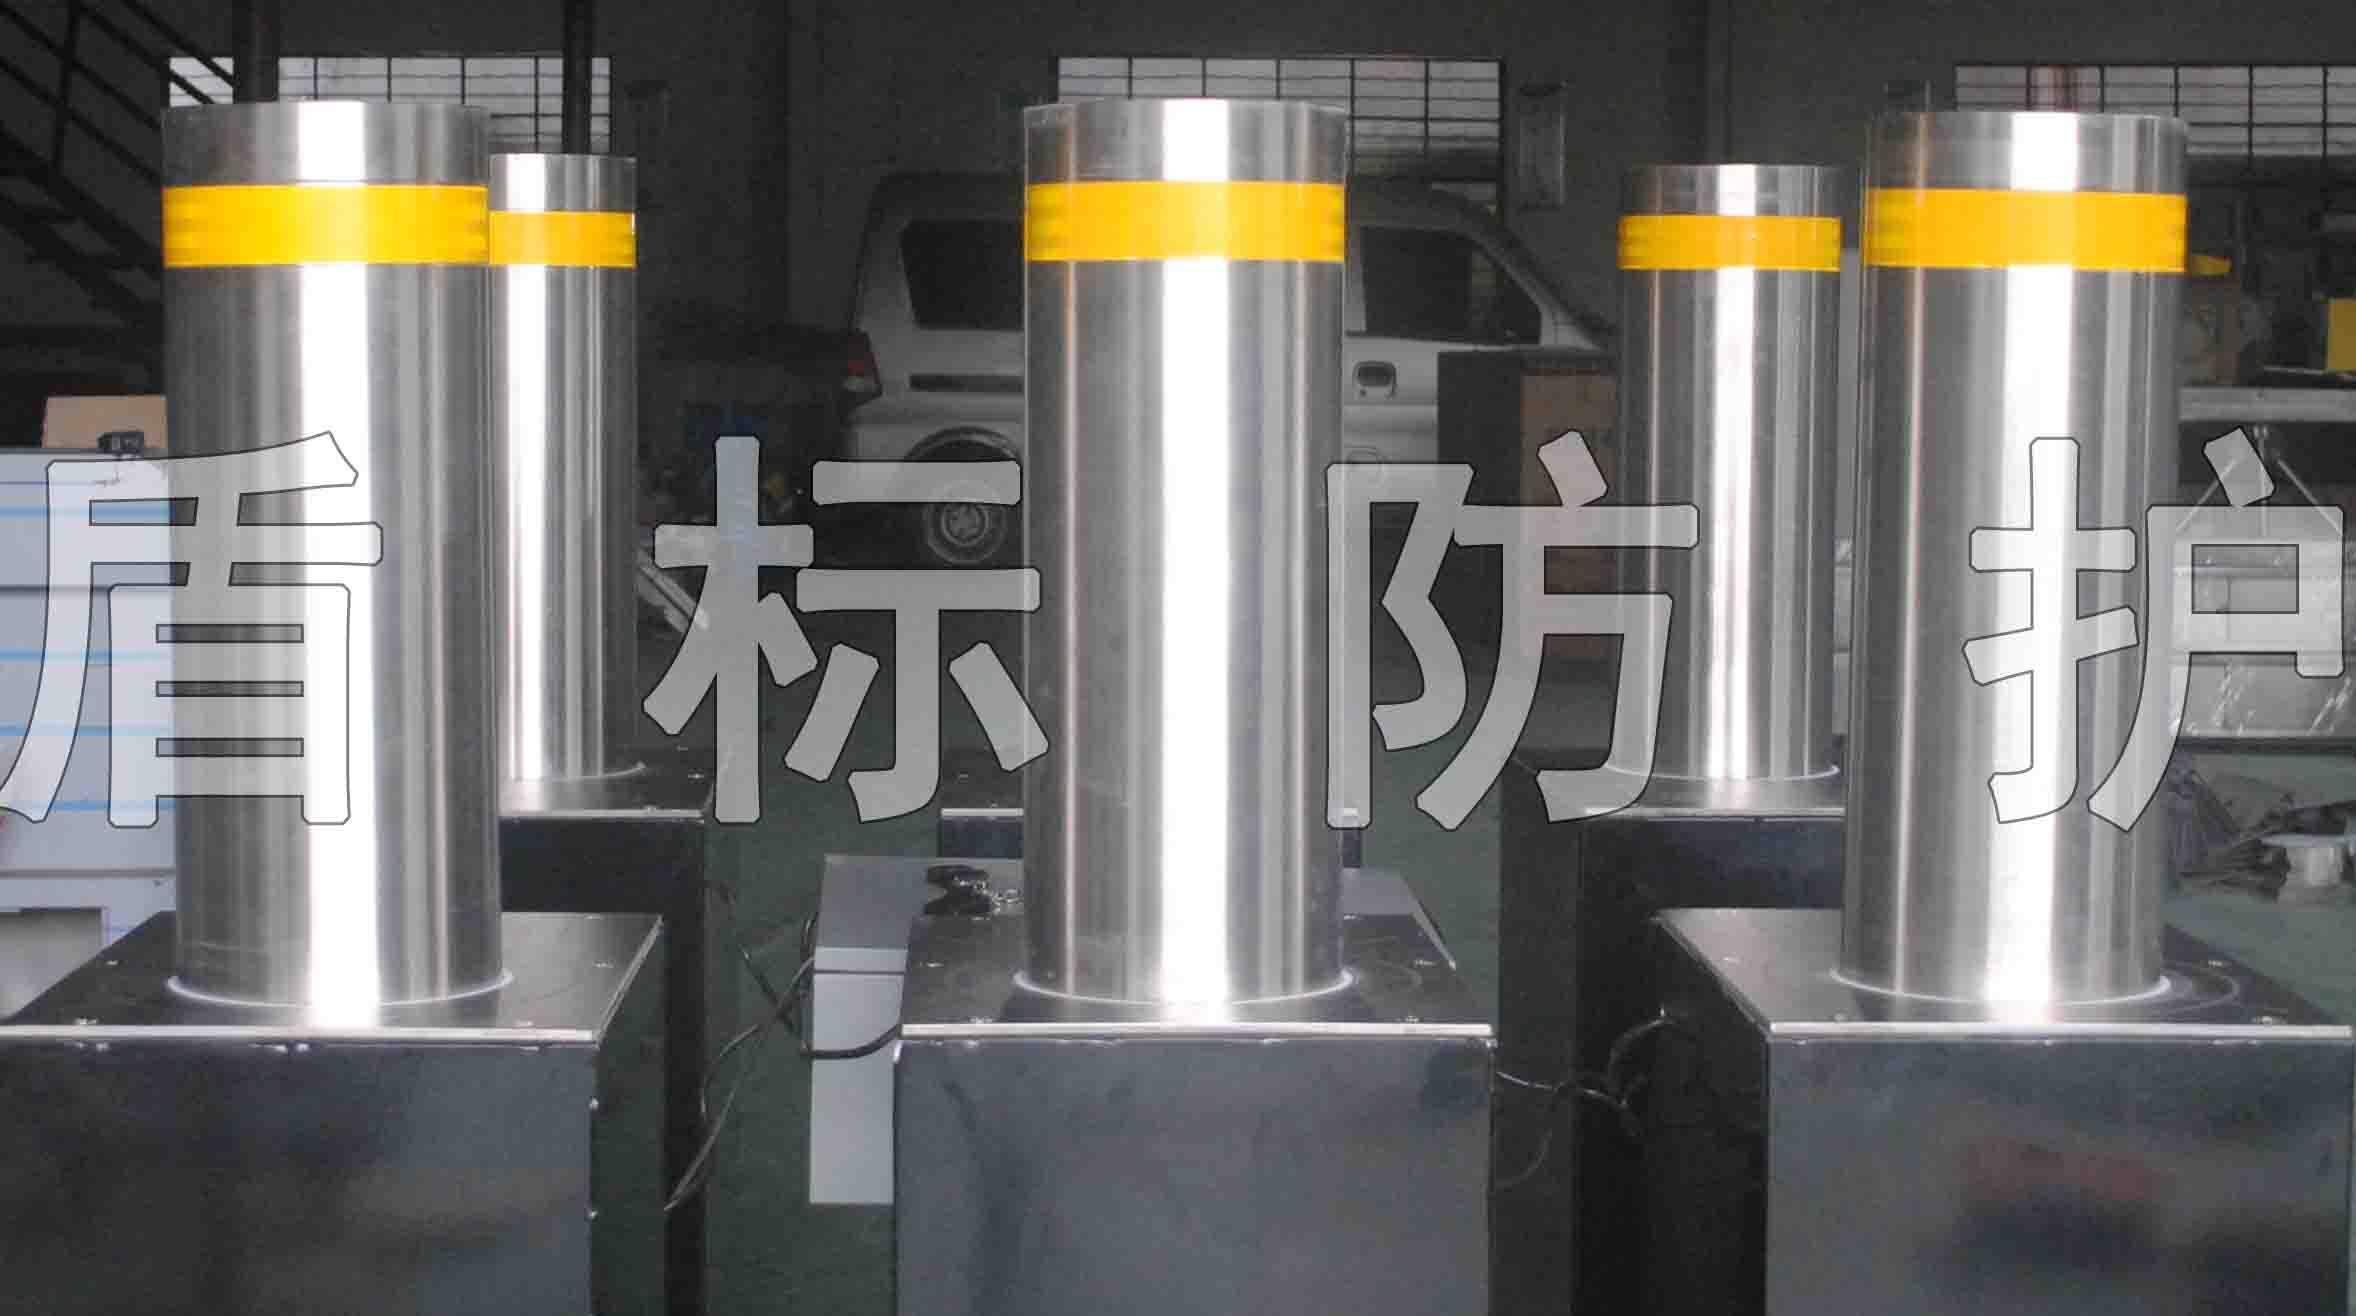 全自动升降防护路桩 液压自动升降不锈钢拦车柱 采用不锈钢304制作防撞柱体,液压电机驱动升降,有快速升降,防撞拦车的功能。远程遥控,方便使用。 产品性能: 1、结构坚固耐用,承载负荷大,动作平稳,噪声低。 2、采取PLC控制,系统运行性能稳定可靠,便于集成。 3、升降柱与道闸等其它设备进行联动控制,也可以与其他控制设备组合,实现自动控制。 4、在停电的情况下或出现故障时,如升降柱处于升起状态需要下降时,可以通过手动操作将升起的柱子回落到与地水平位置,以让车辆通行。 5、采用国际ling先的低压液压驱动技